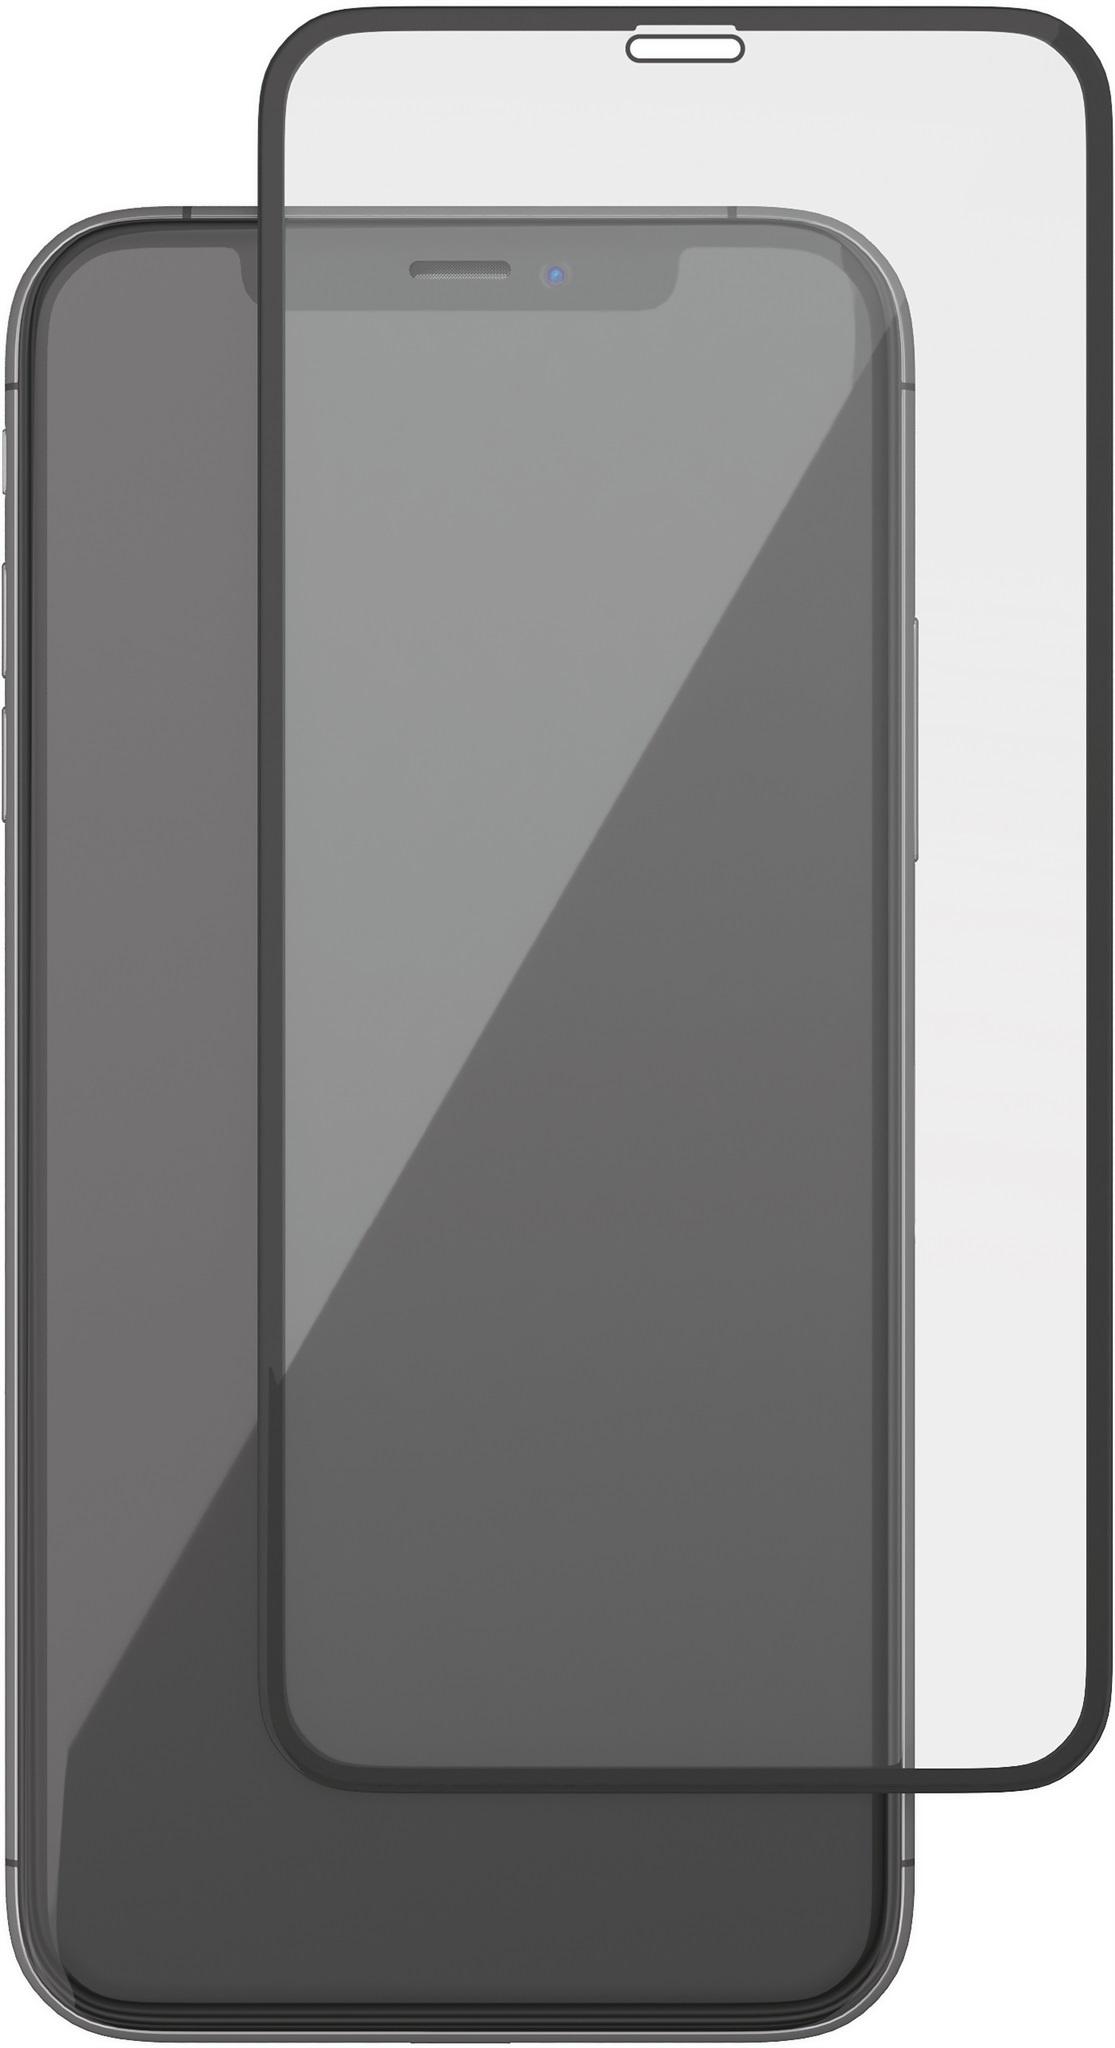 Защитное стекло uBear 3D Full Screen Premium Glas для iPhone Xs Max, черный perfeo защитное стекло apple iphone xs max черный 2 5d full screen gorilla pf a4469